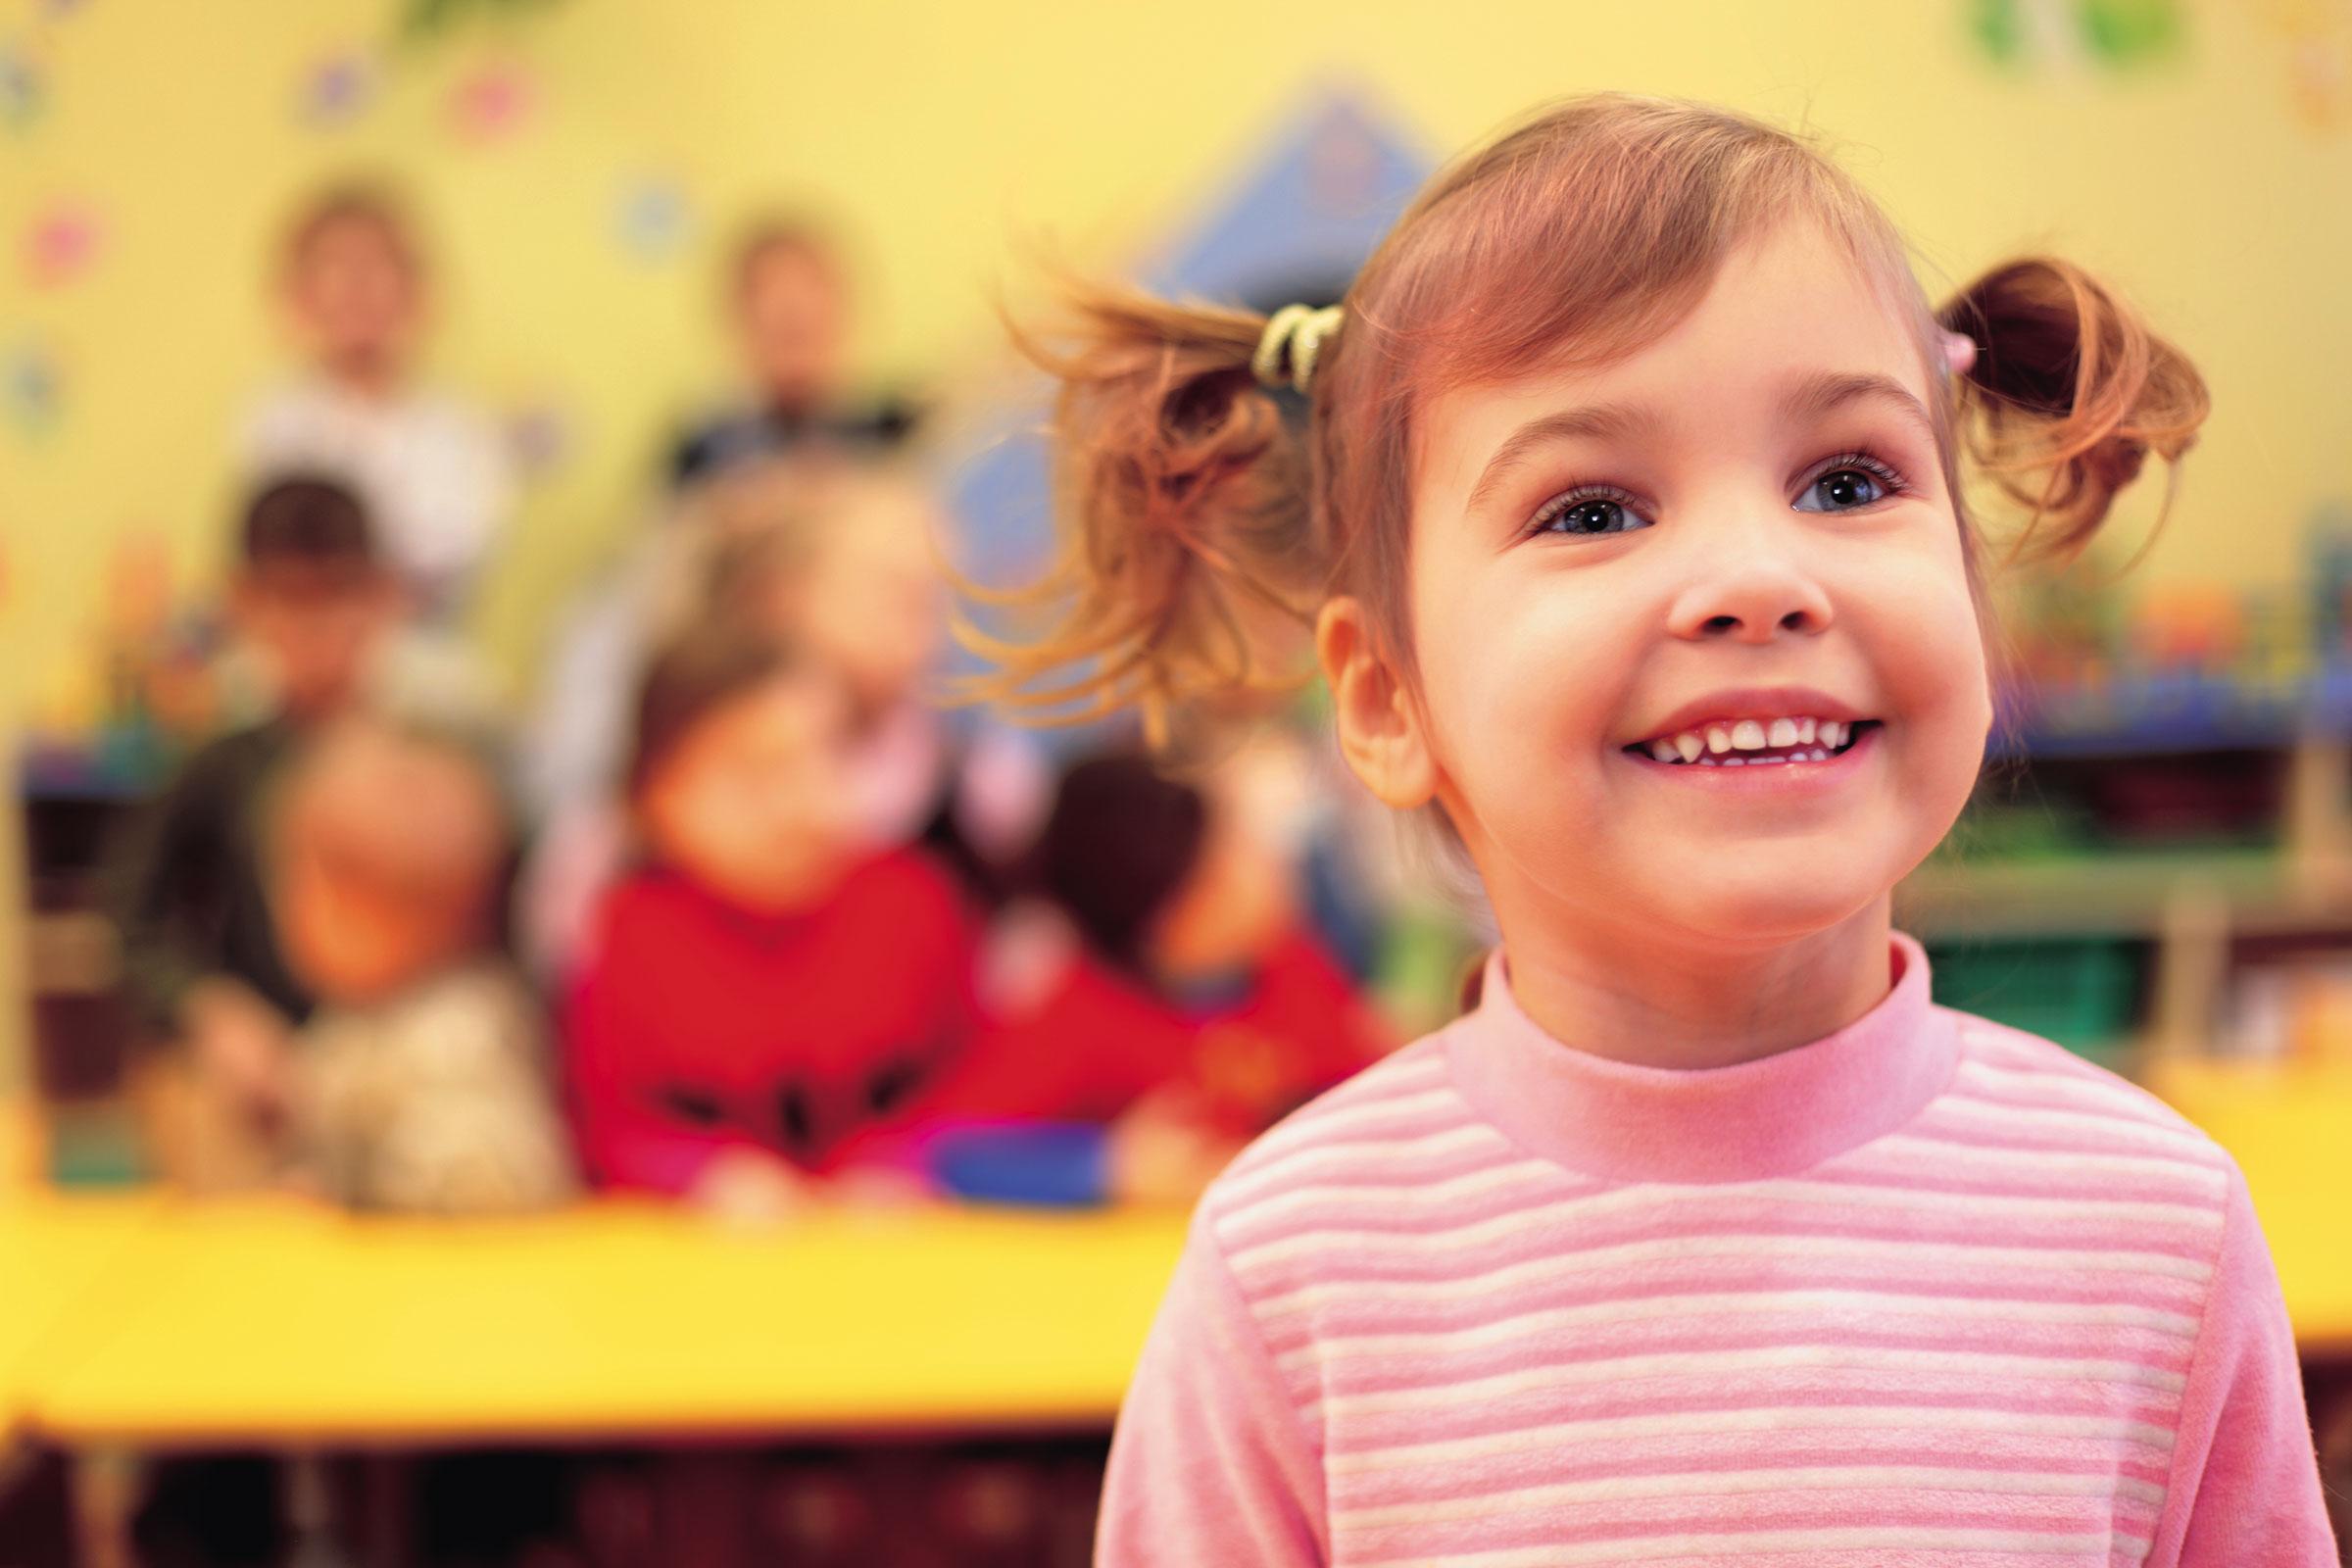 Çocuğu Okula Yeni Başlayanlar için İpuçları